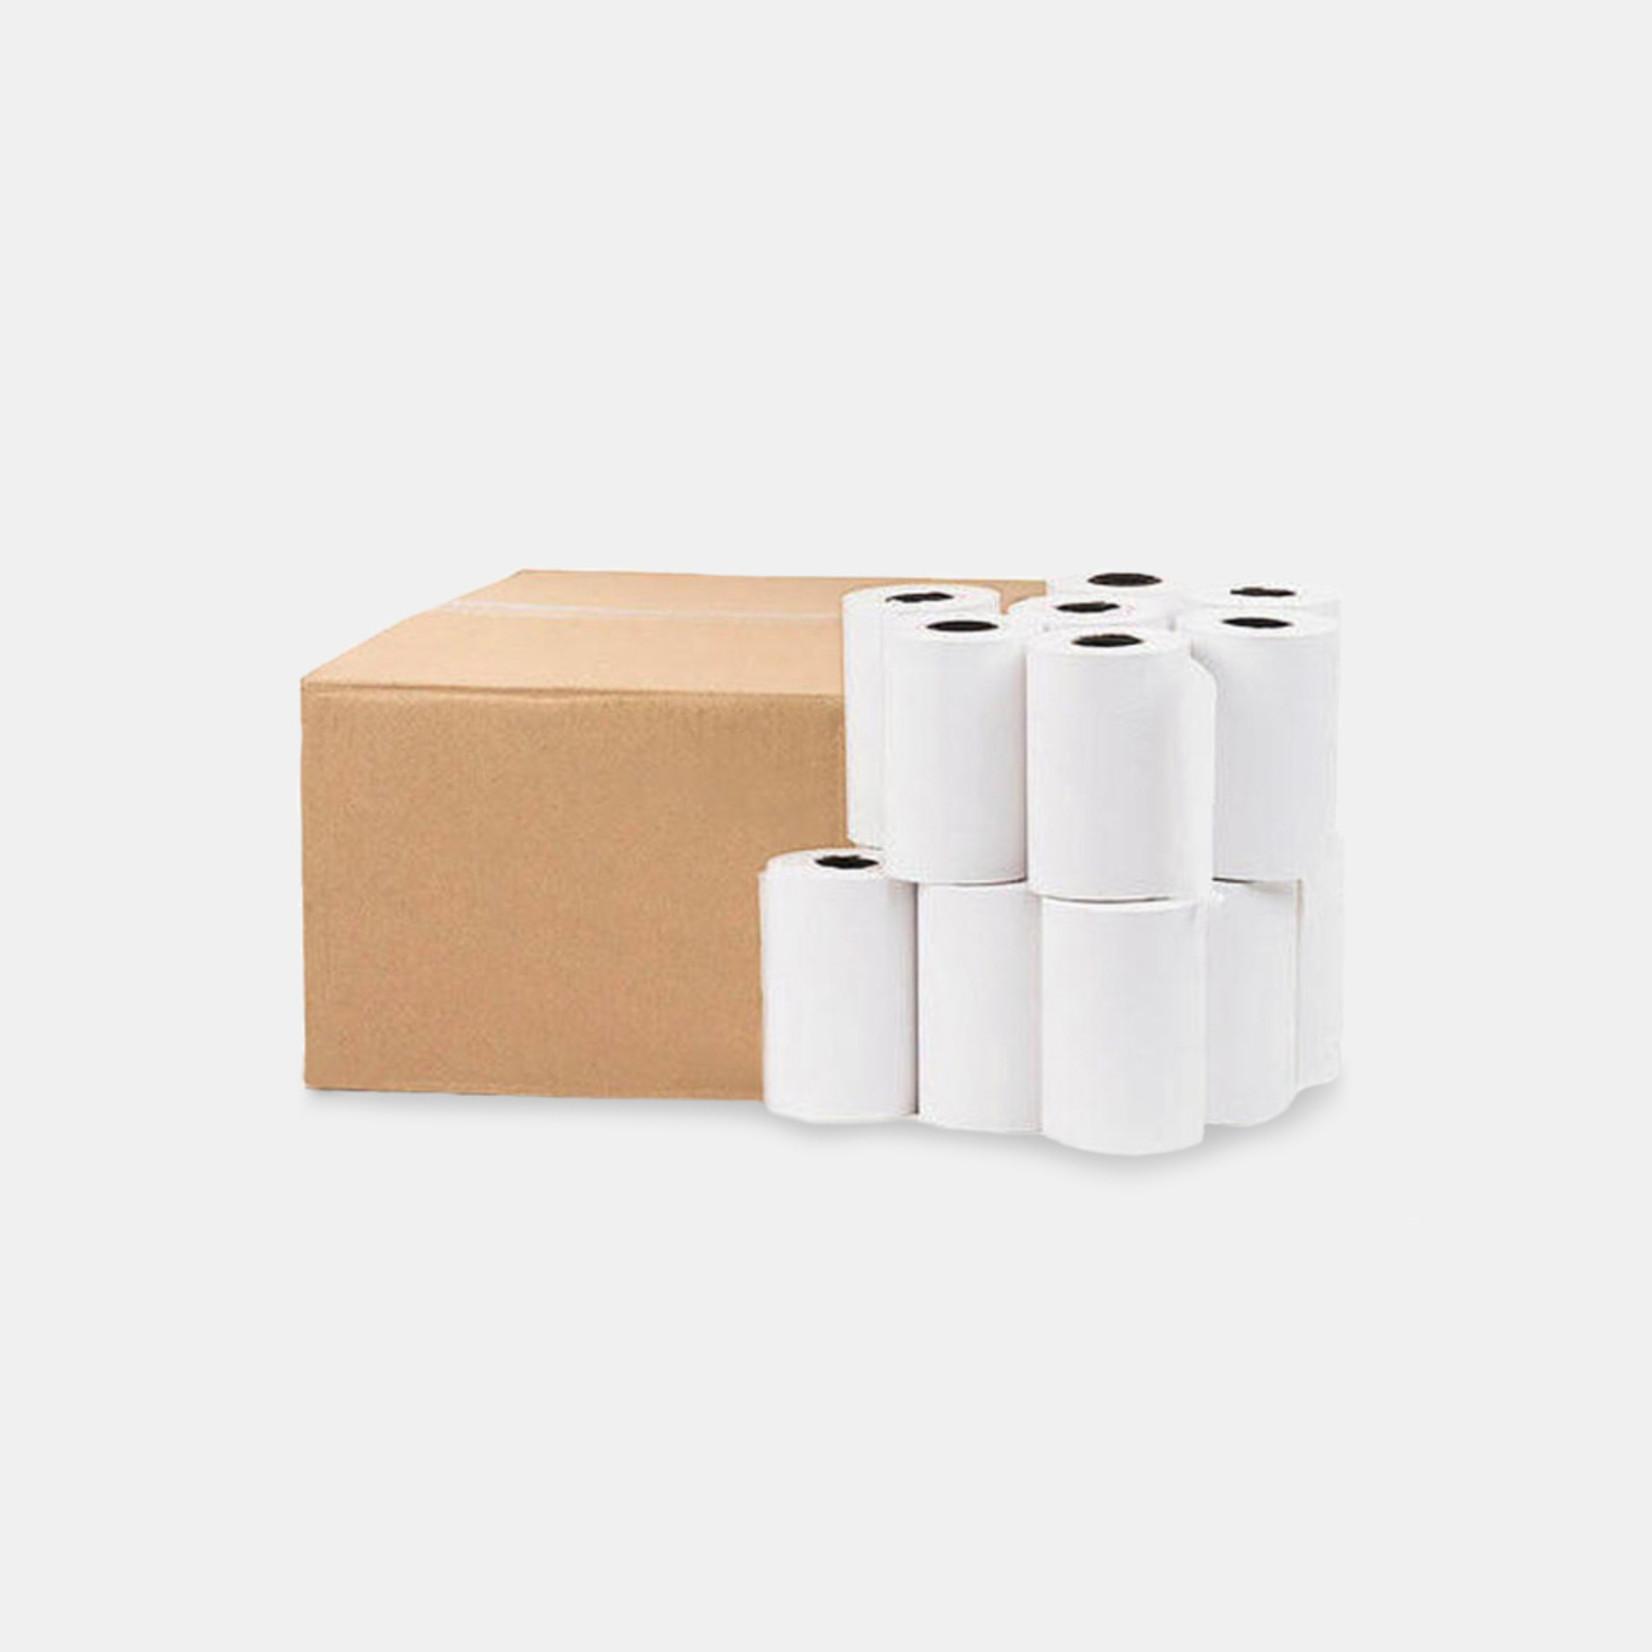 Bundle - 3 Boxes of Duplicate Copy Kitchen Printer Paper